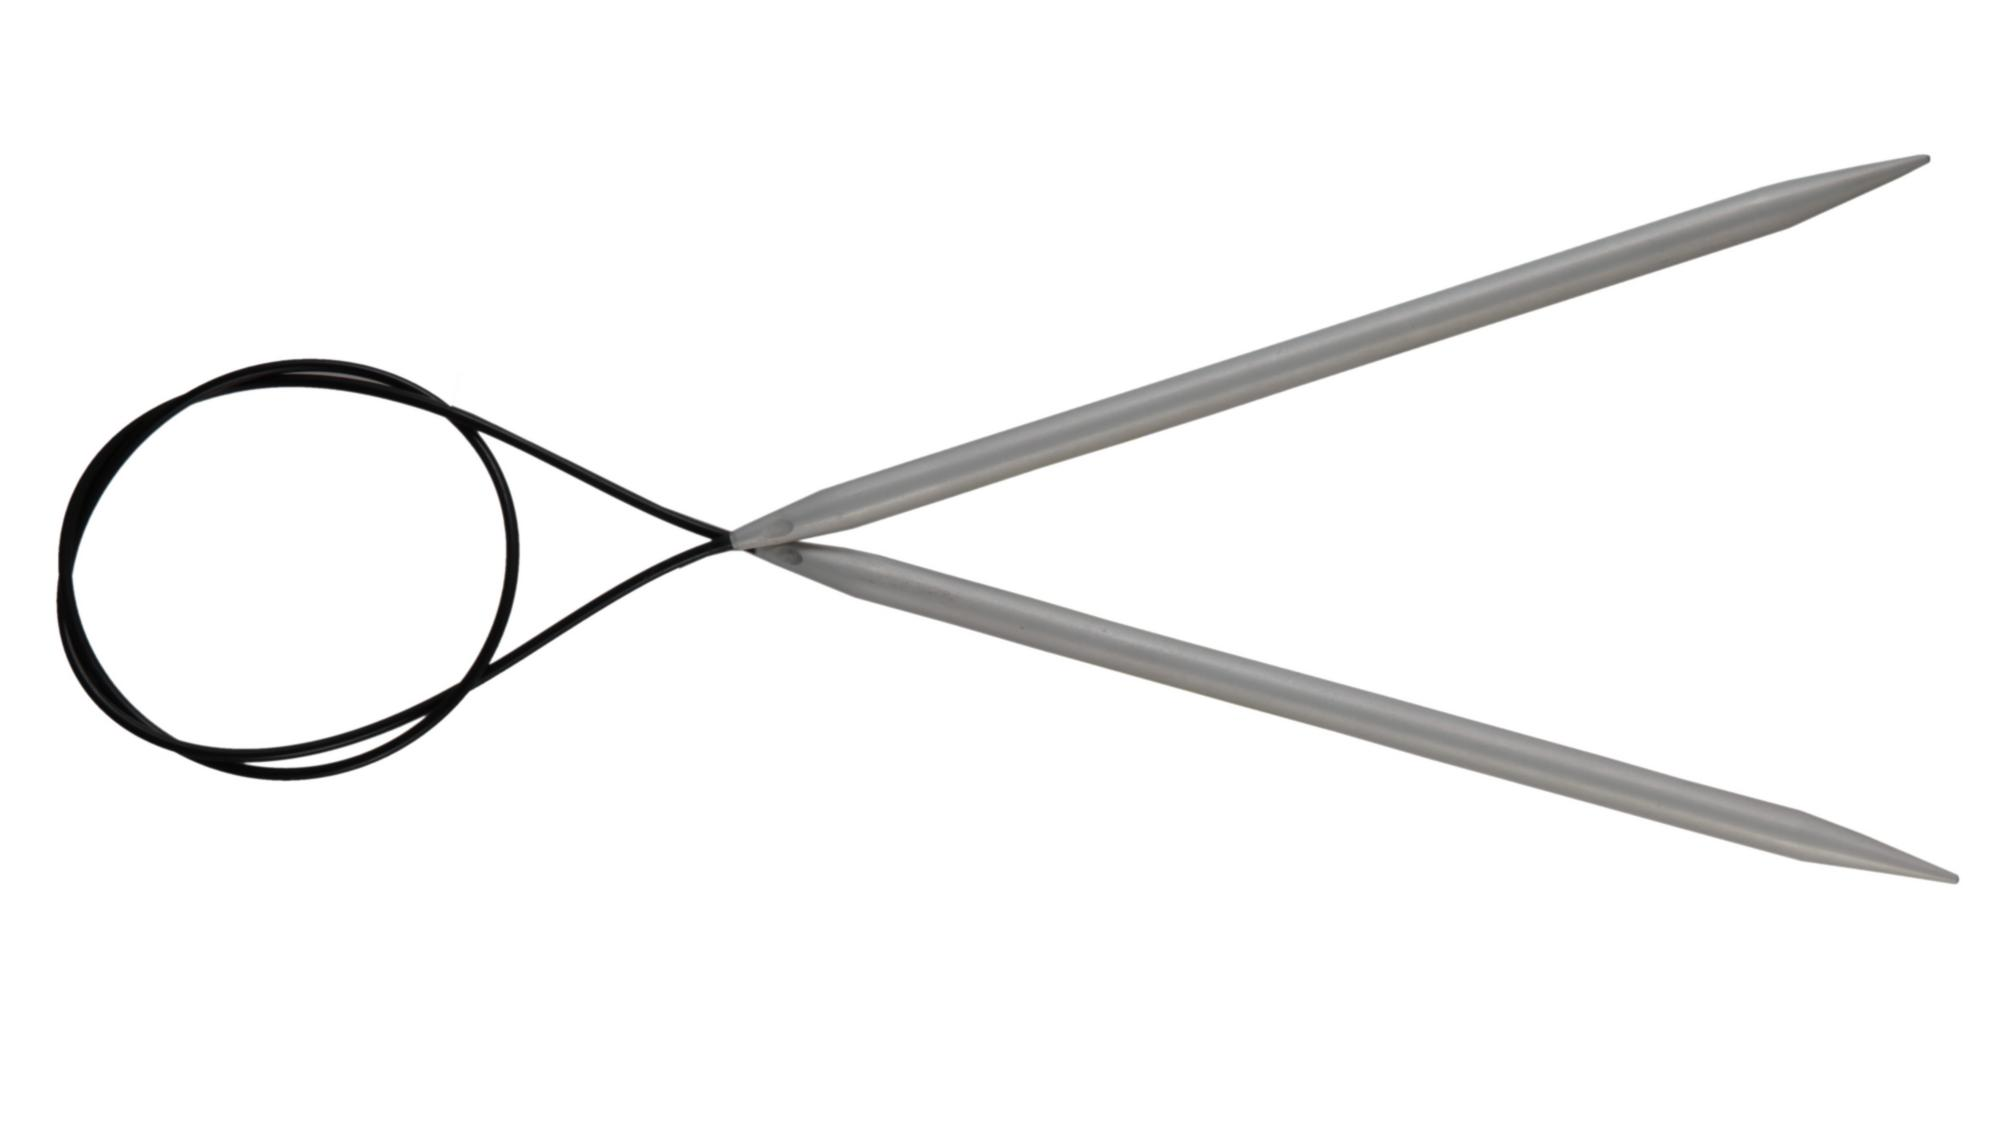 Спицы круговые 80 см Basix Aluminium KnitPro, 45378, 3.75 мм